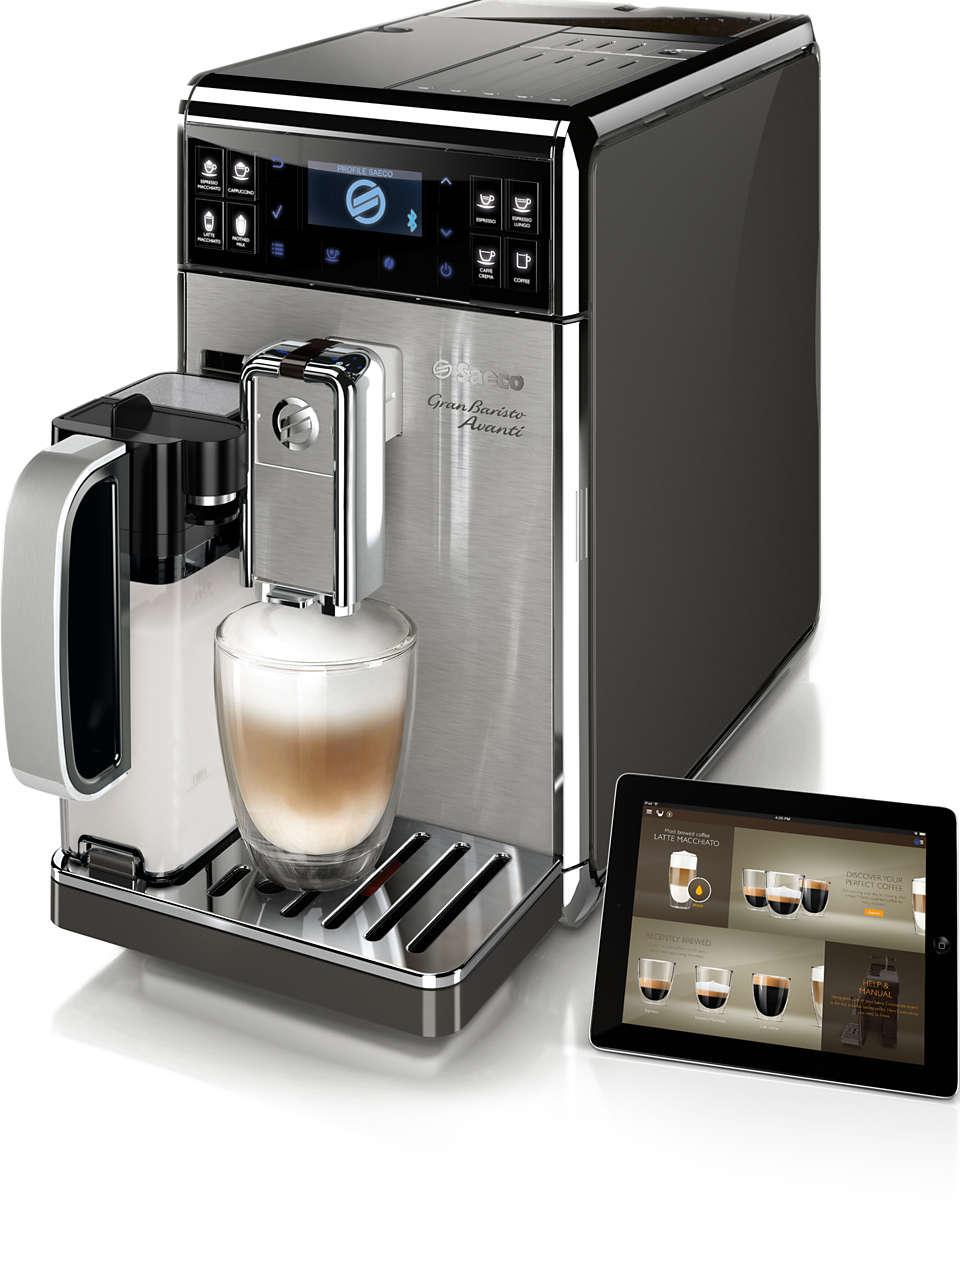 تجربة تحضير القهوة في المنزل الأكثر تطورًا